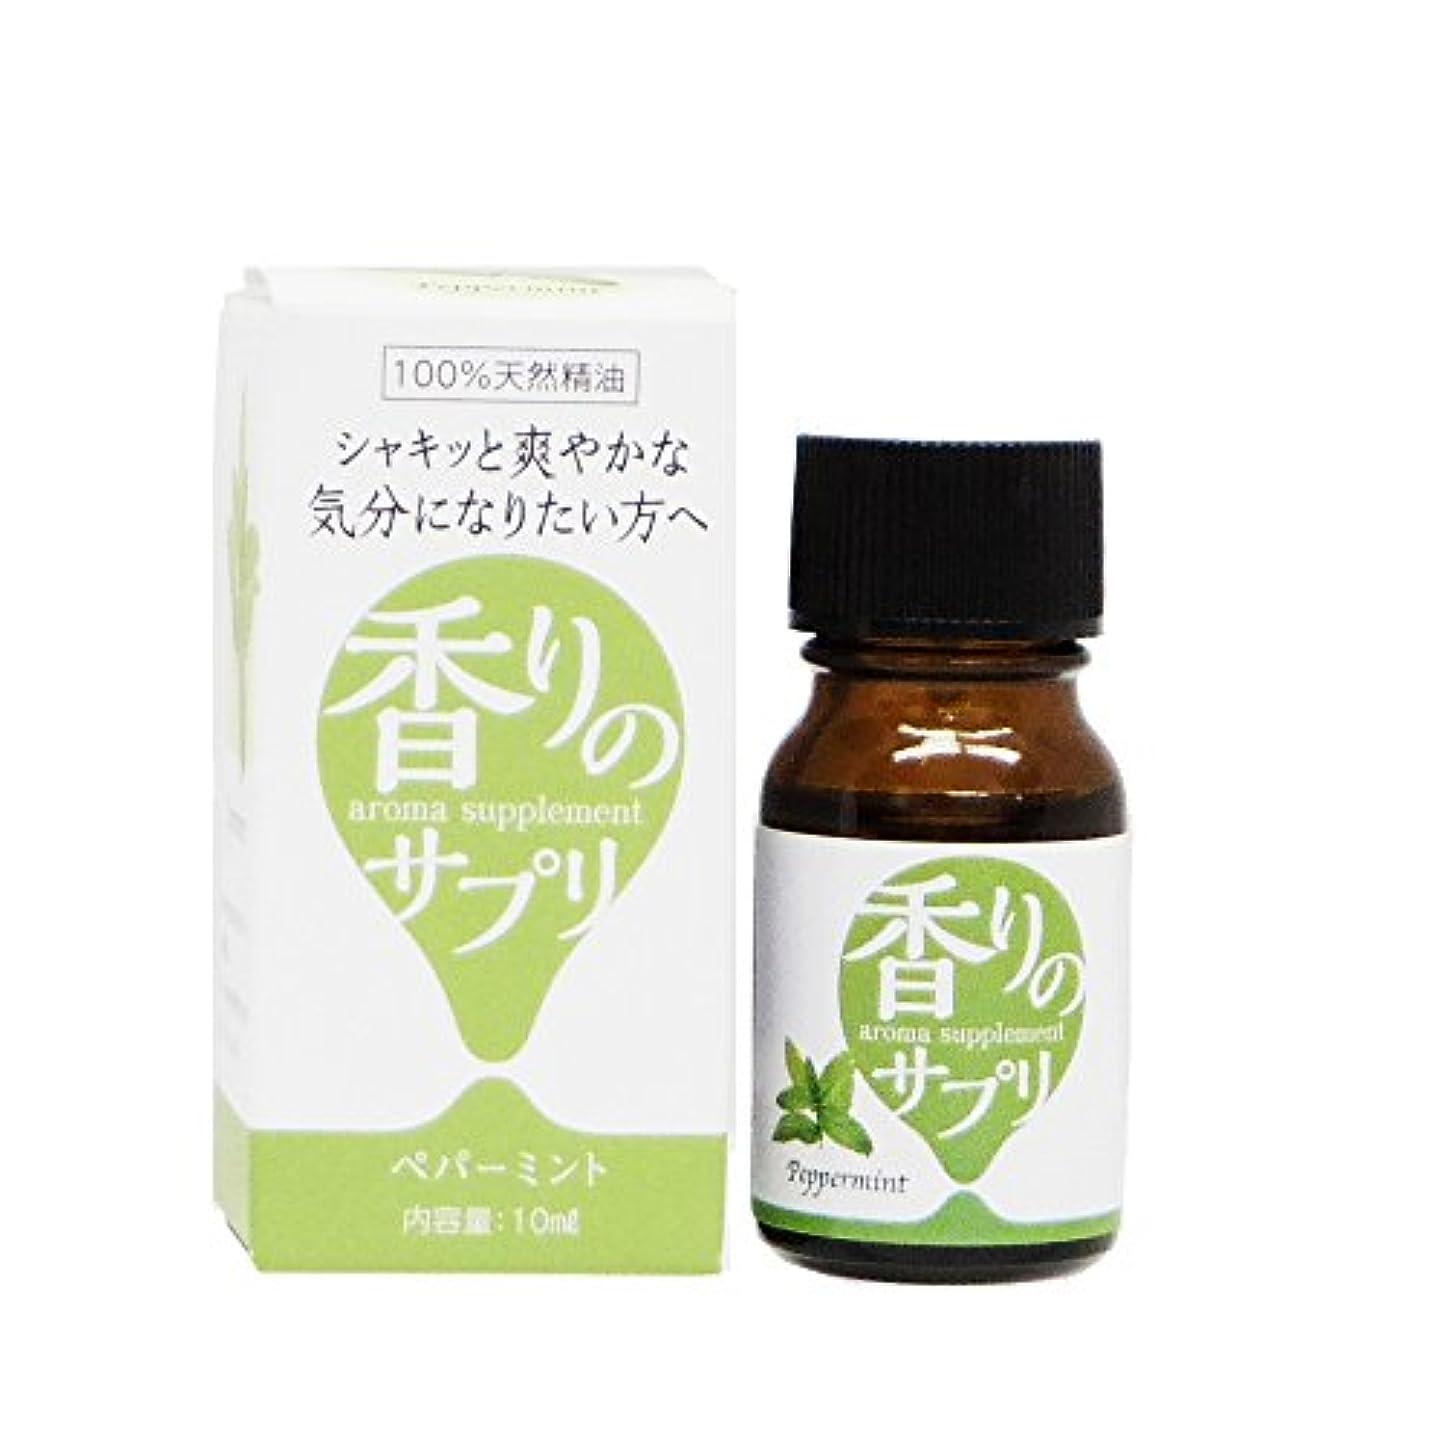 狂う上正規化香りのサプリ ペパーミント エッセンシャルオイル10ml 384218